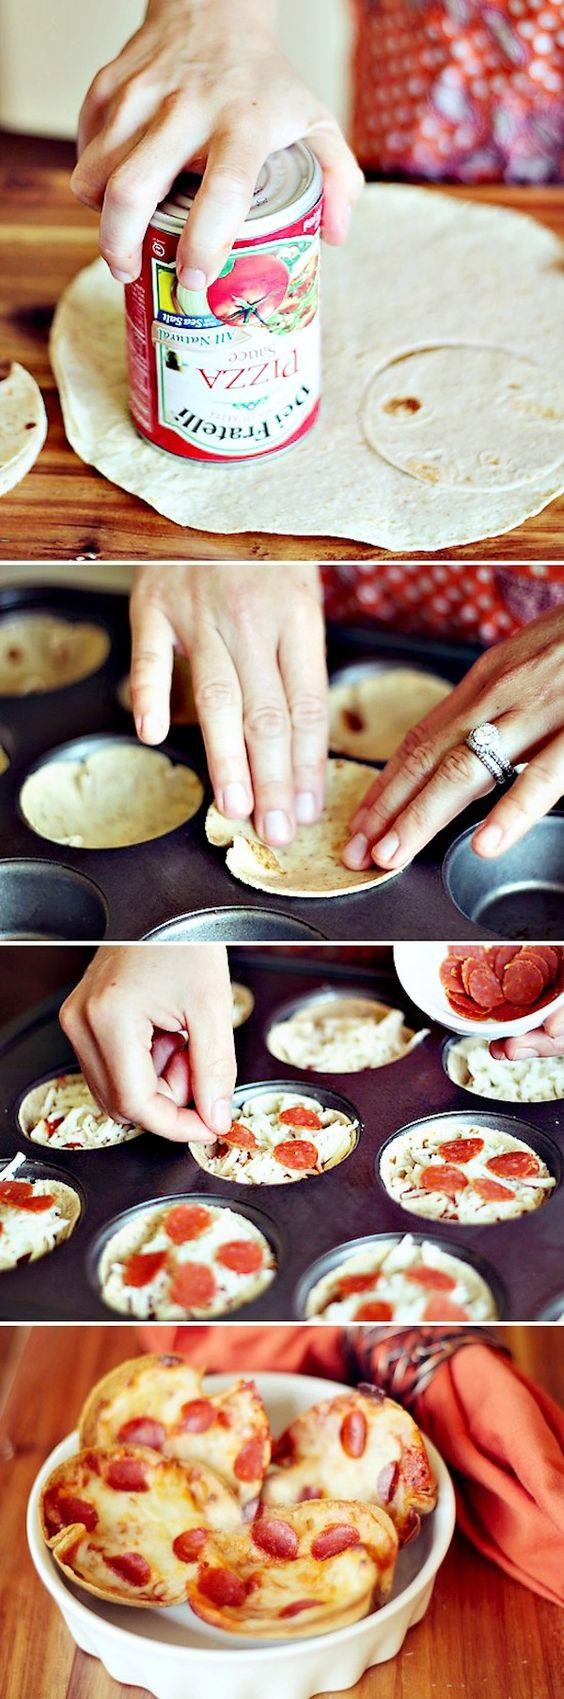 Recetas para niños: pizzas con pan árabe